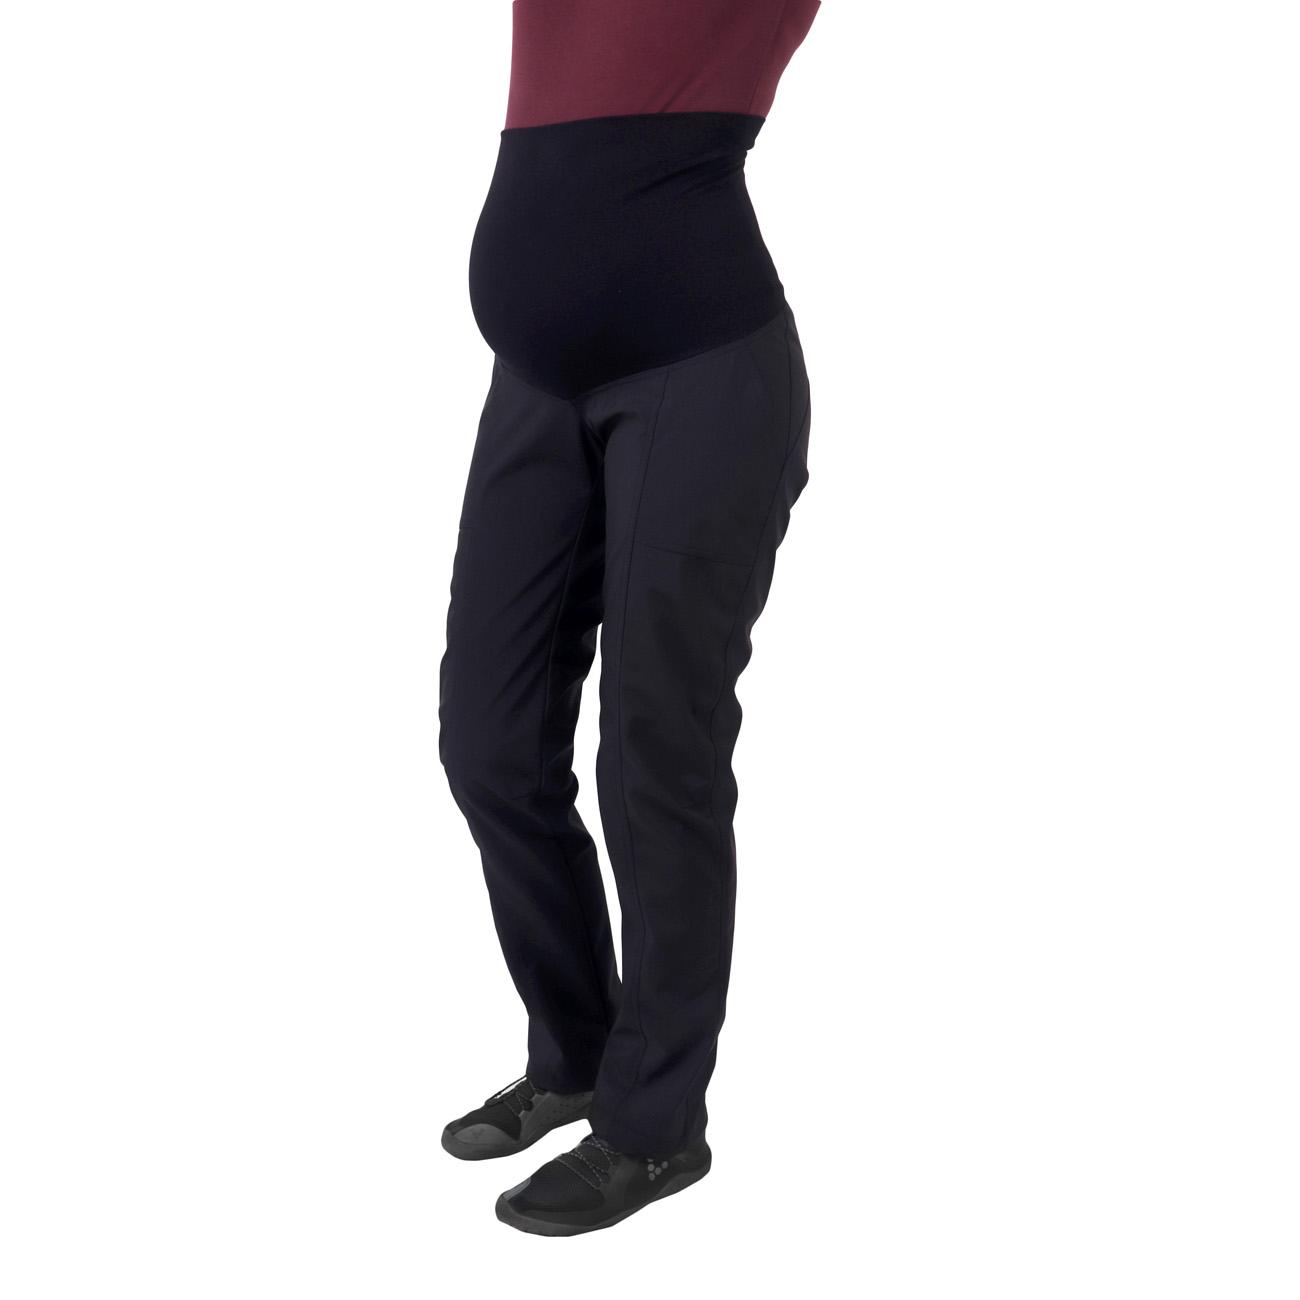 Jarní/letní těhotenské softshellové kalhoty liva, černé, 44 prodloužené